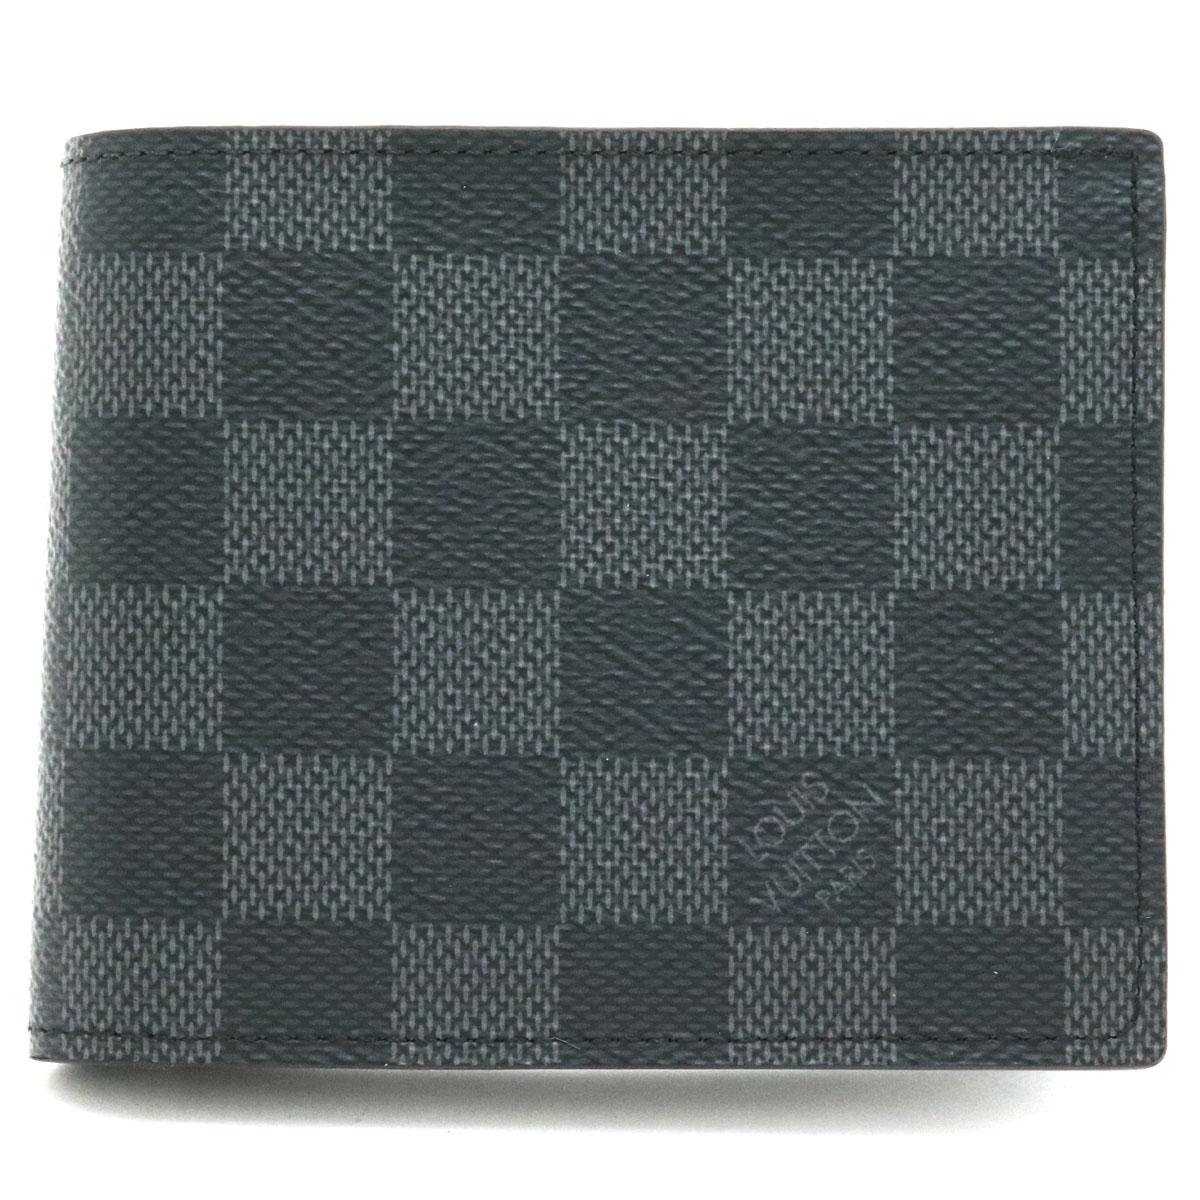 【財布】LOUIS VUITTON ルイ ヴィトン ダミエグラフィット ポルトフォイユ マルコ NM 2つ折財布 二つ折り財布 N63336 【中古】